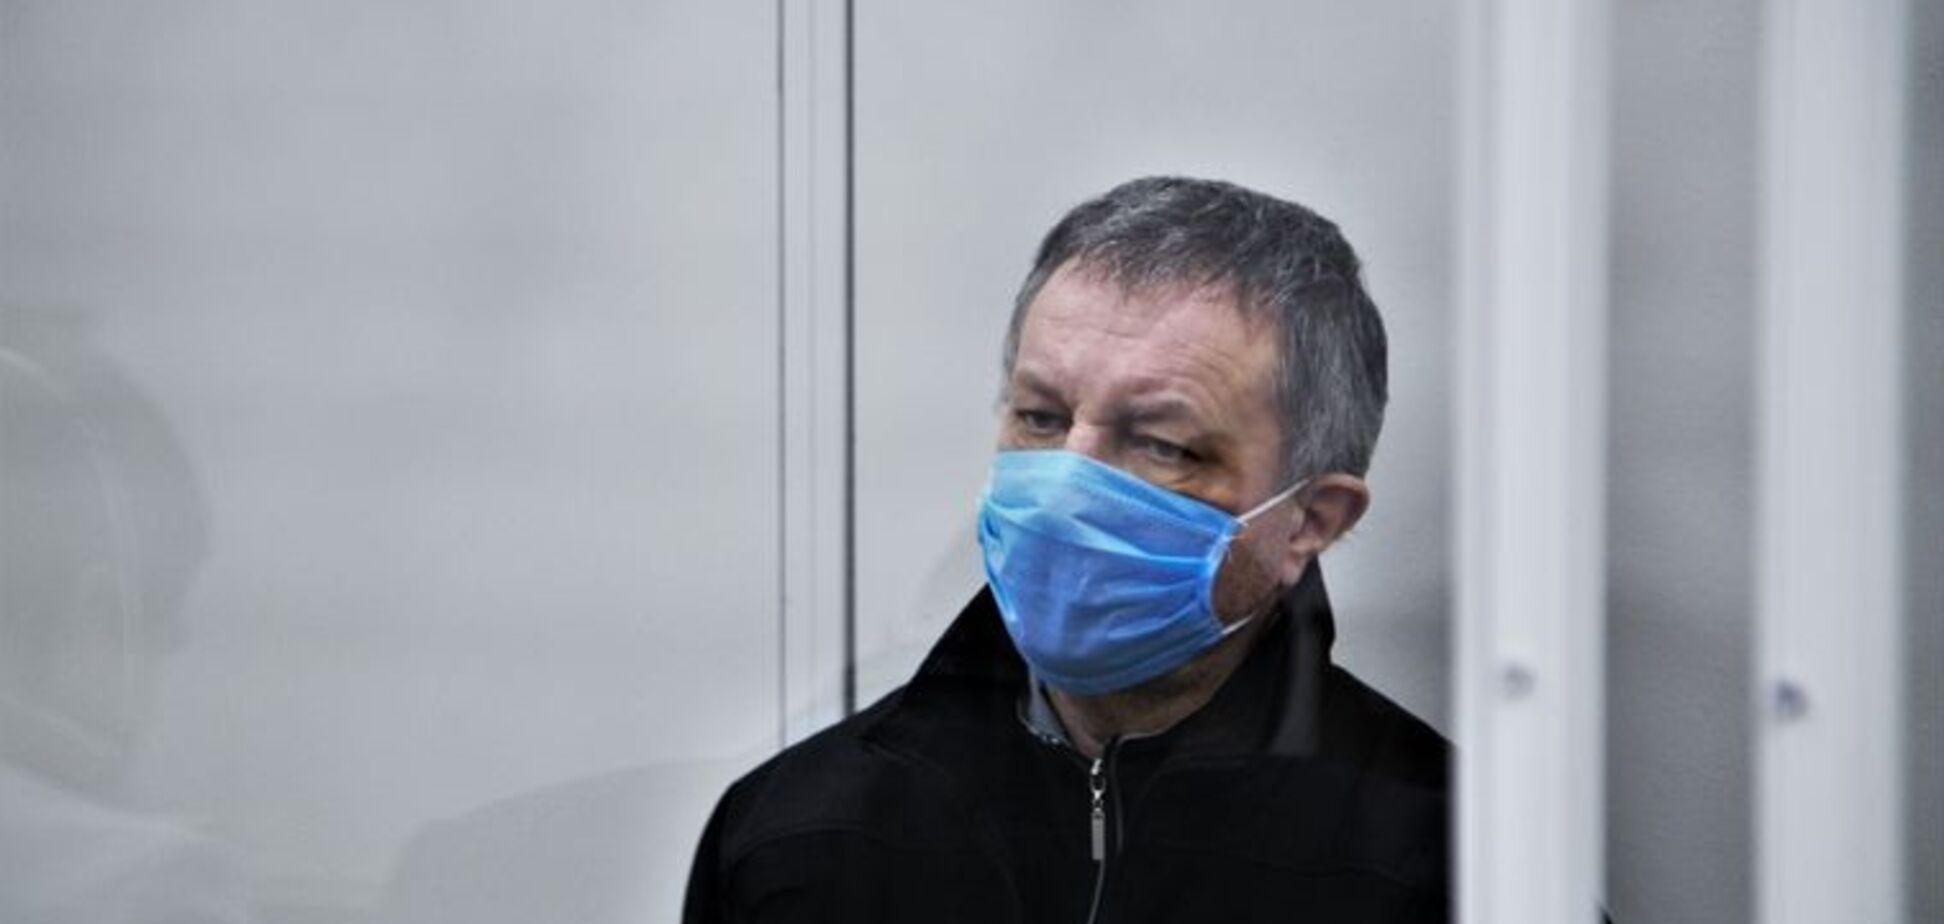 Суд продлил расследование подготовки терактов генерал-майором СБУ